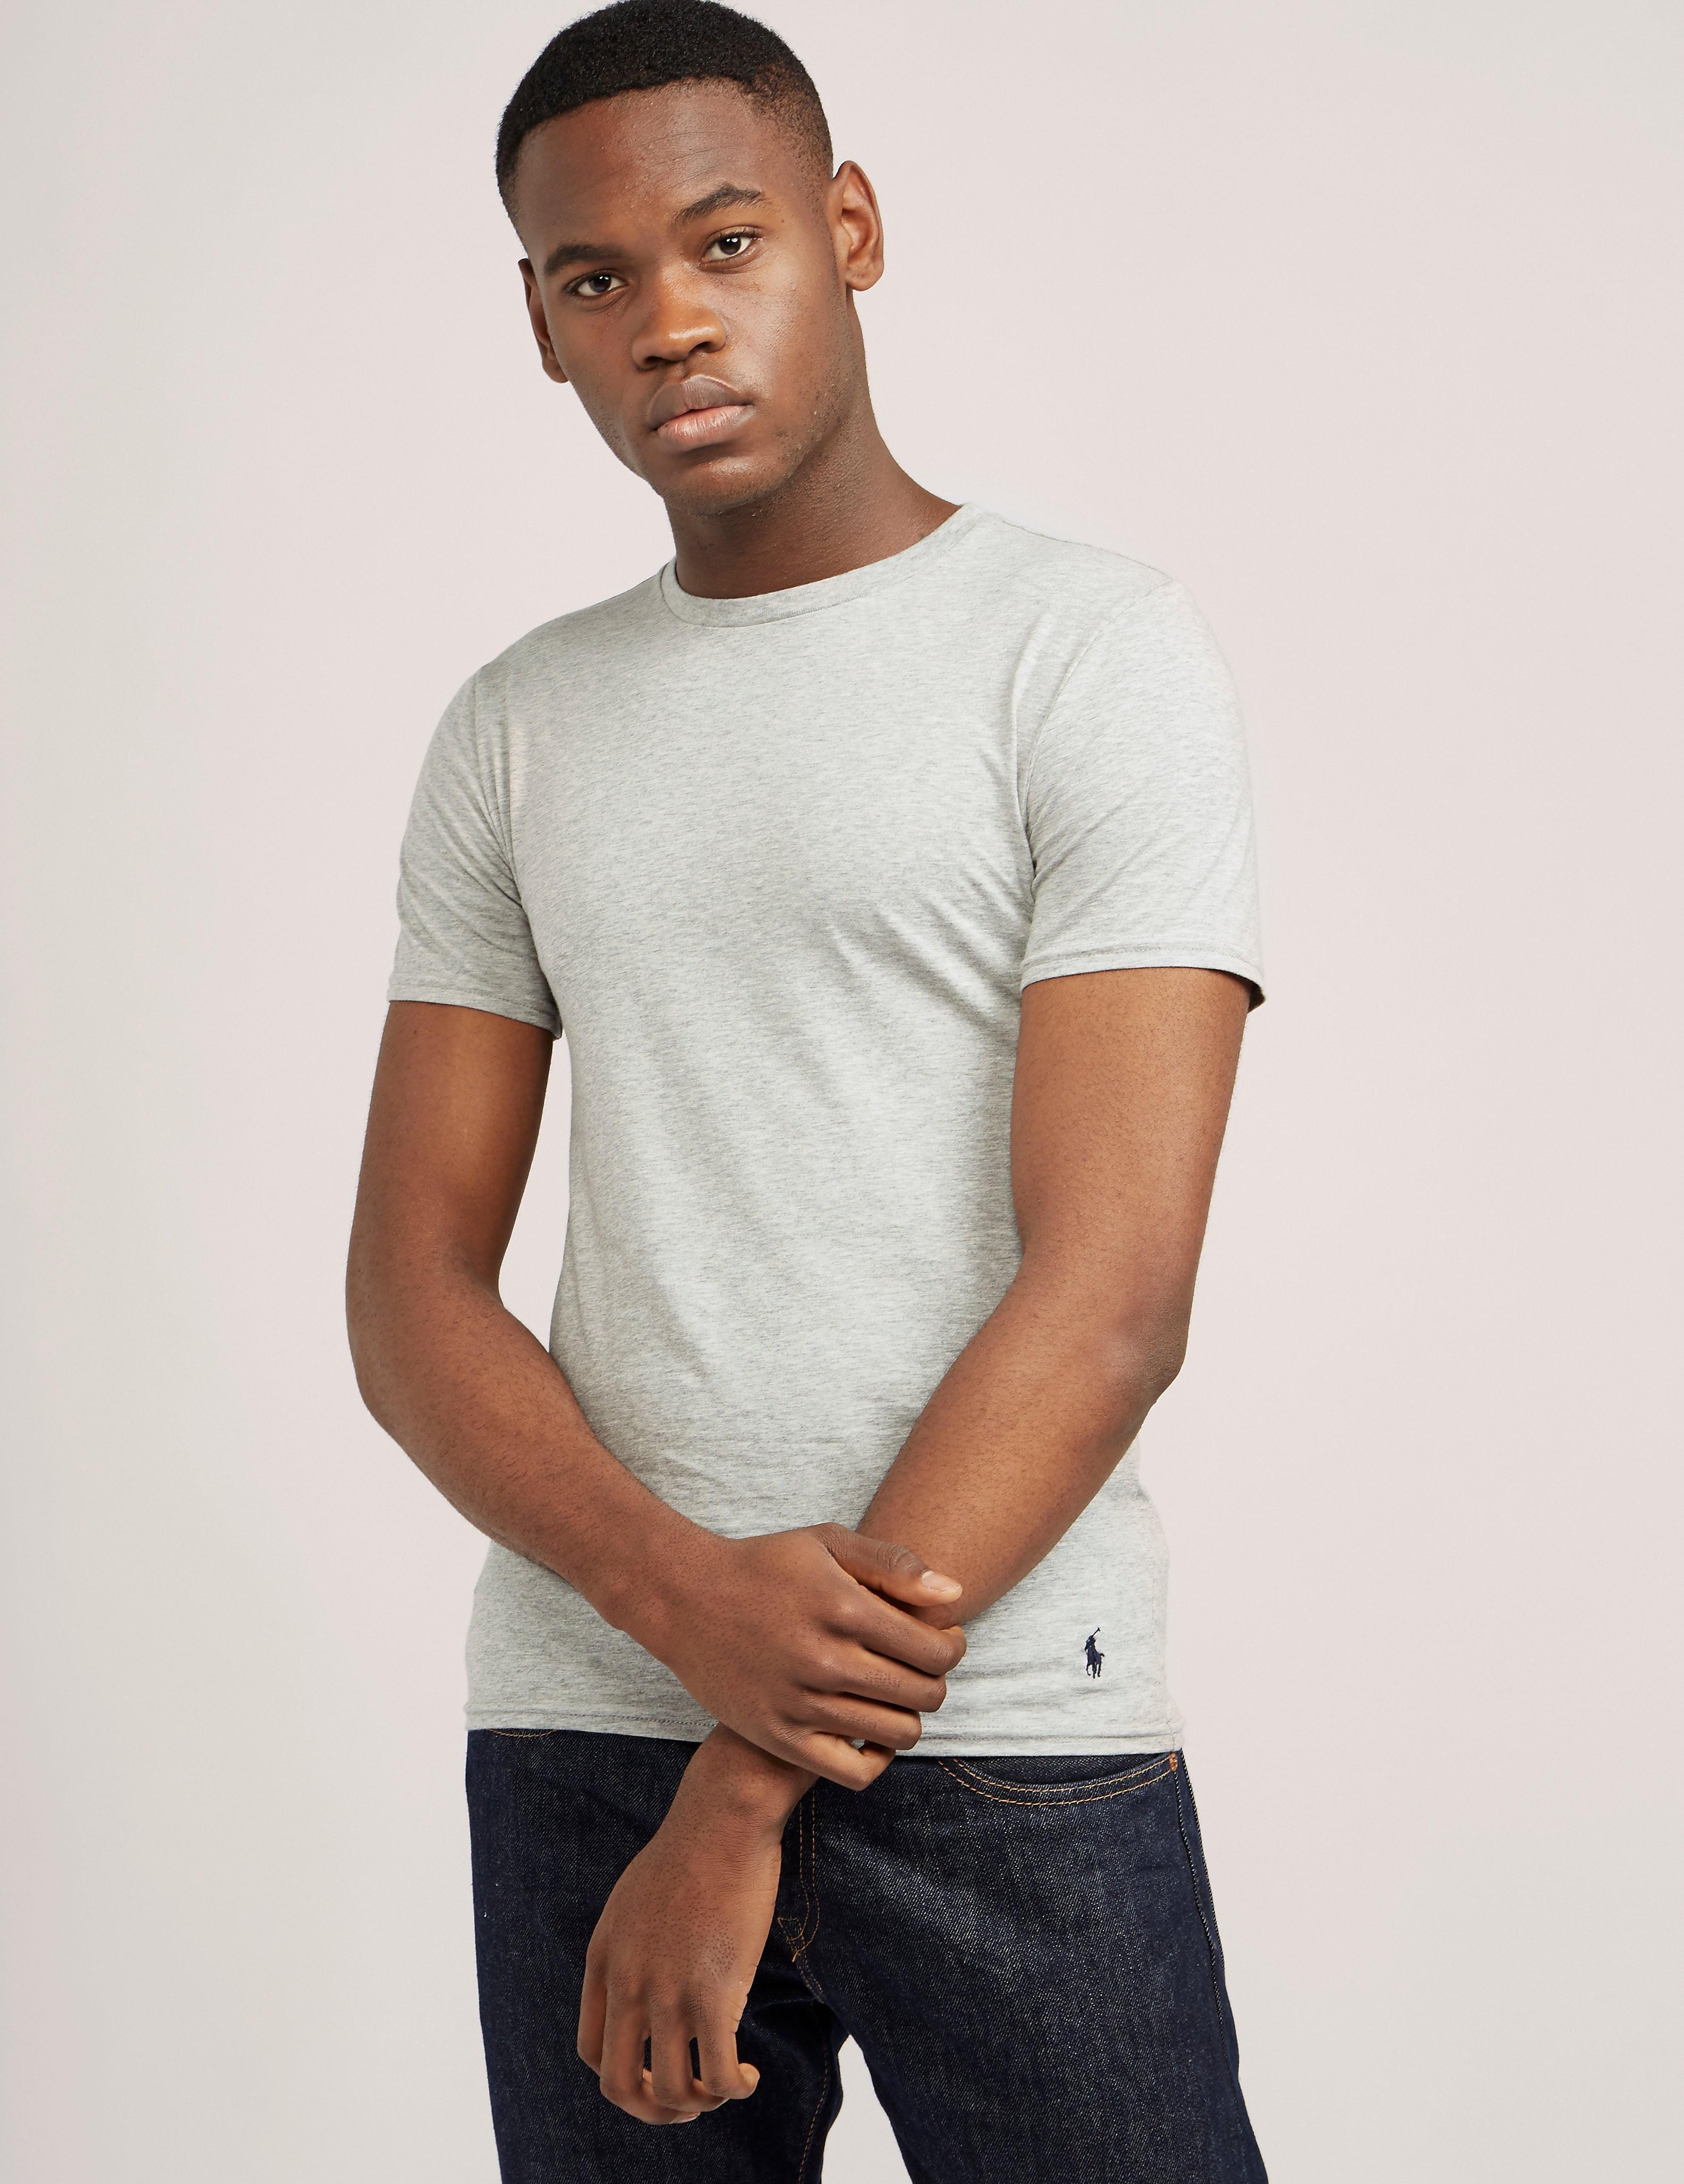 Polo Ralph Lauren 2-Pack Short Sleeve Crew T-Shirt